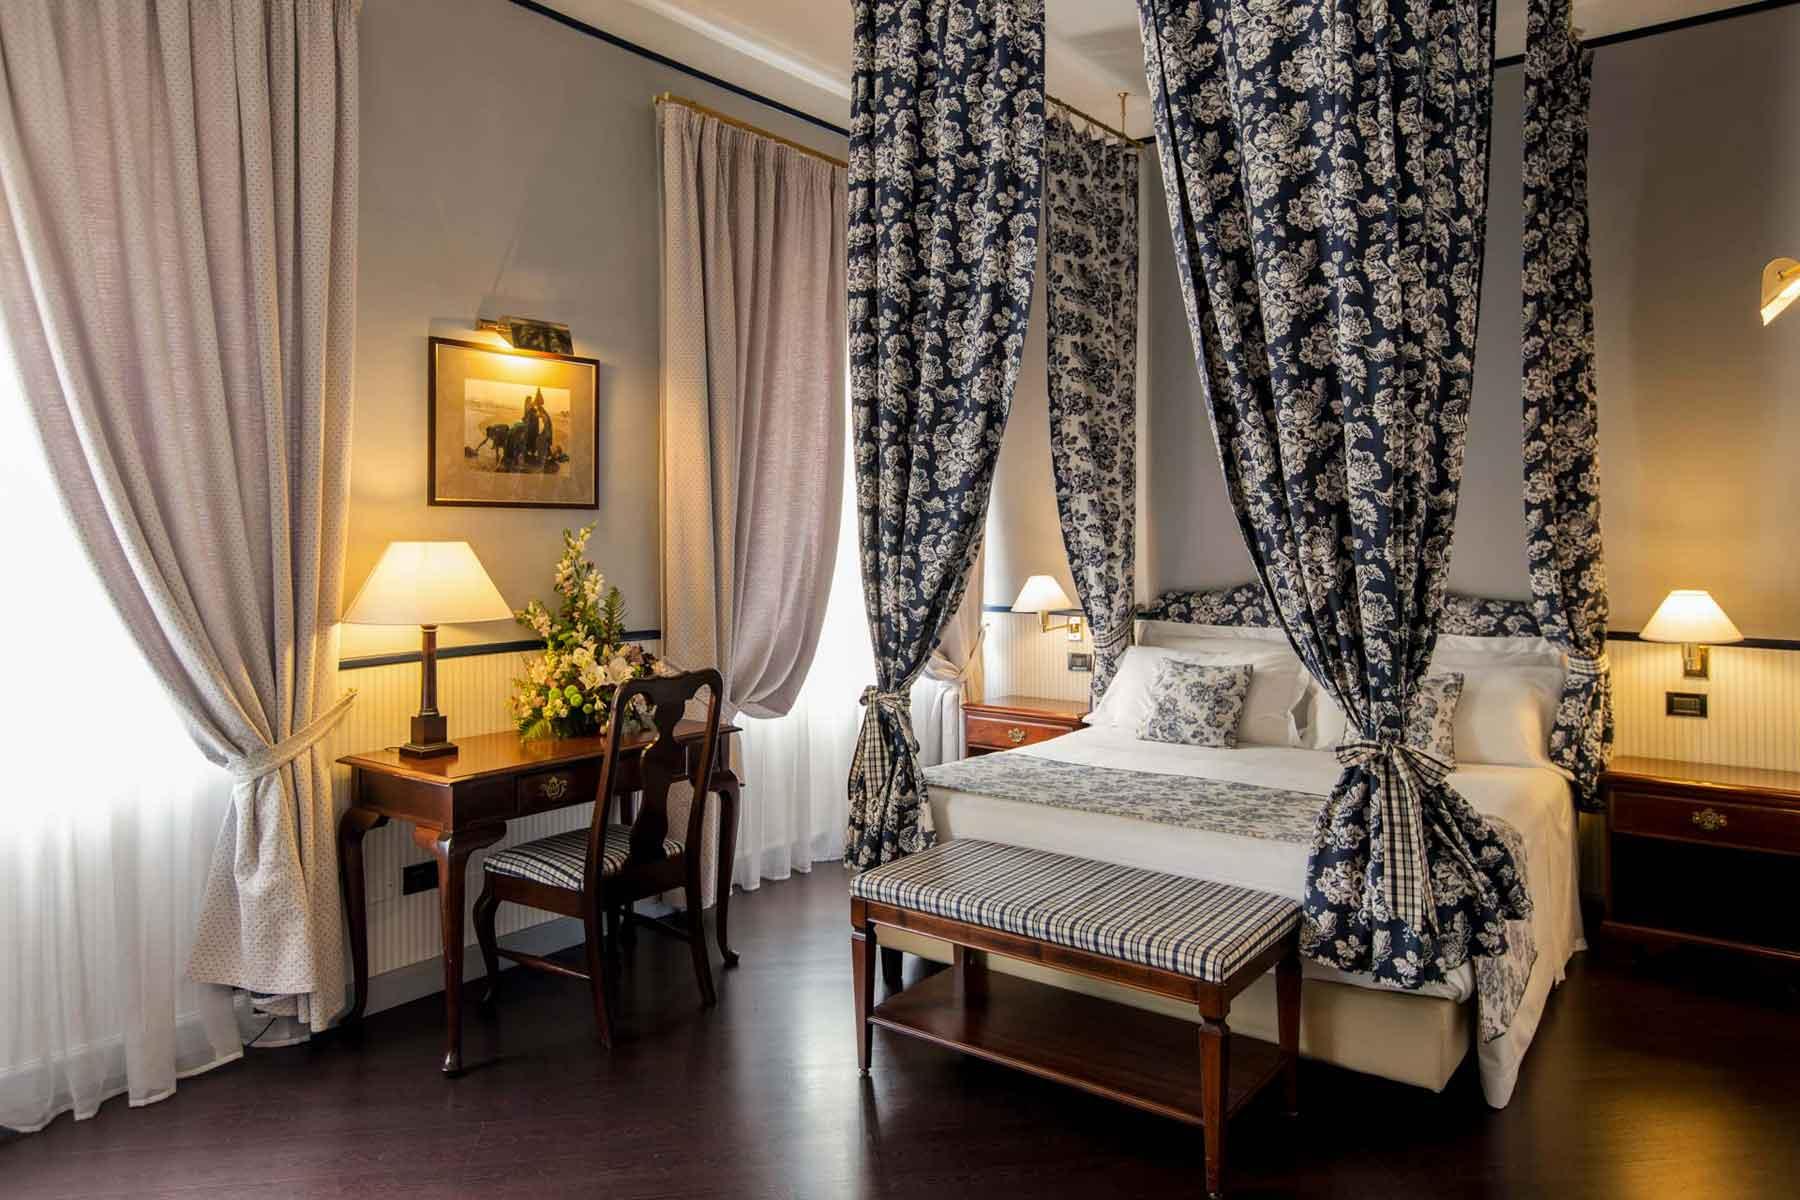 Hotel Victoria Turin Italie (chambre Deluxe)